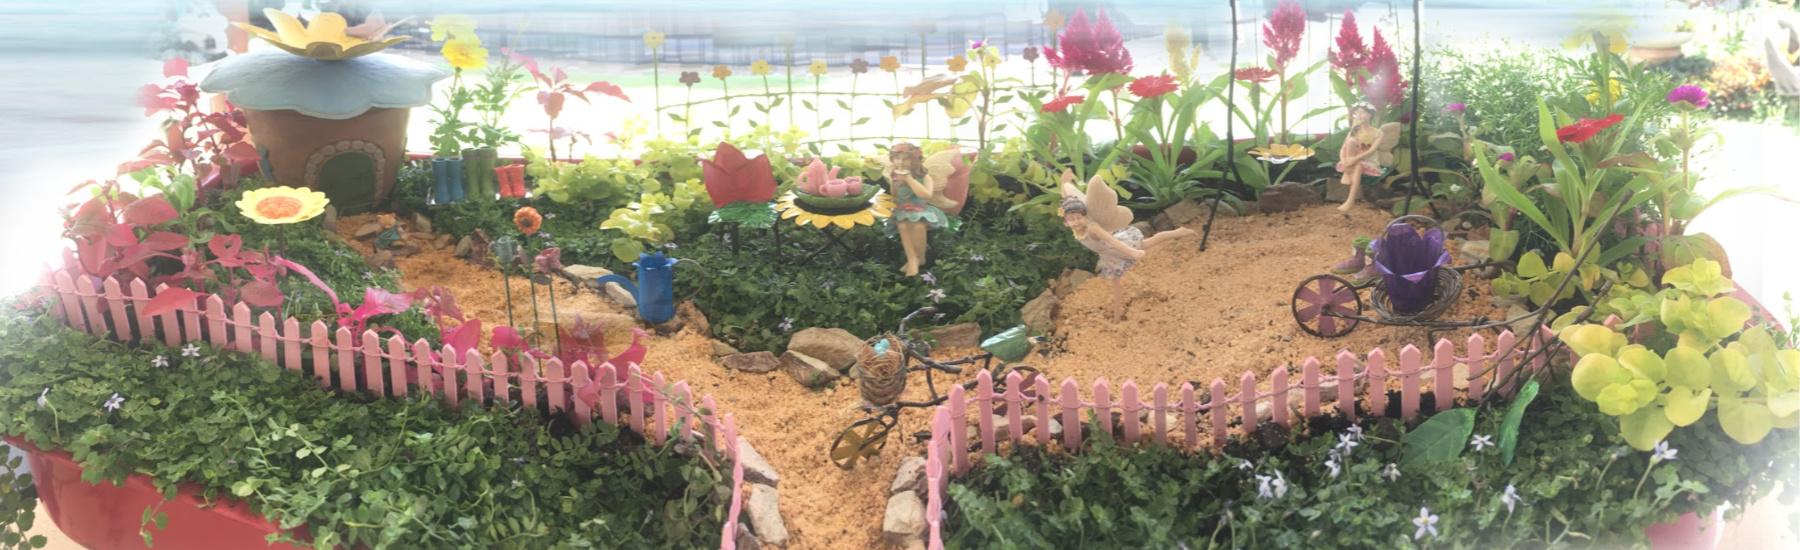 Miniature Fairy Garden Daisy Baskets 3 Piece Set